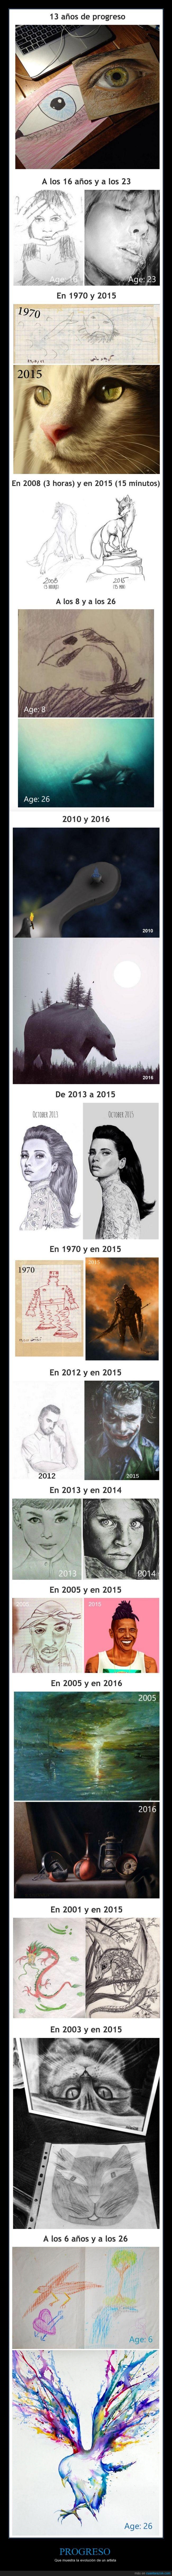 artista,brutal,dibujos,progreso